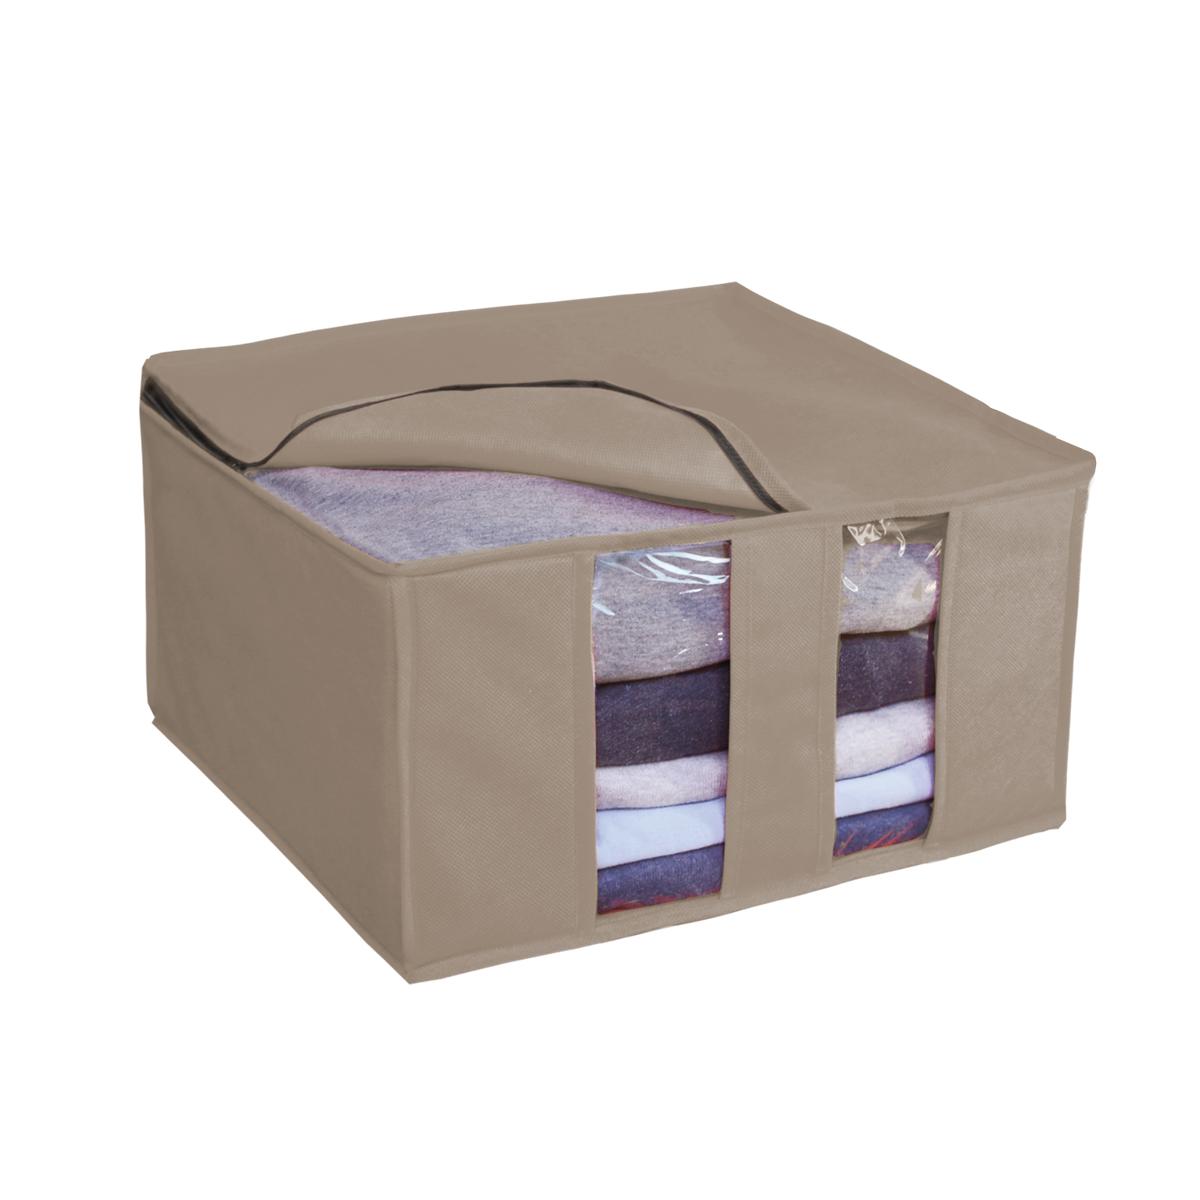 Кофр для хранения Miolla, складной, цвет: бежевый, 40 х 40 х 25 смCHL-6-5Компактный складной кофр Miolla изготовлен из высококачественногонетканого материала, которыйобеспечивает естественную вентиляцию, позволяя воздуху проникать внутрь,но не пропускает пыль. Изделие закрывается на молнию. Размер кофра (в собранном виде): 40 x 40 x 25 см.